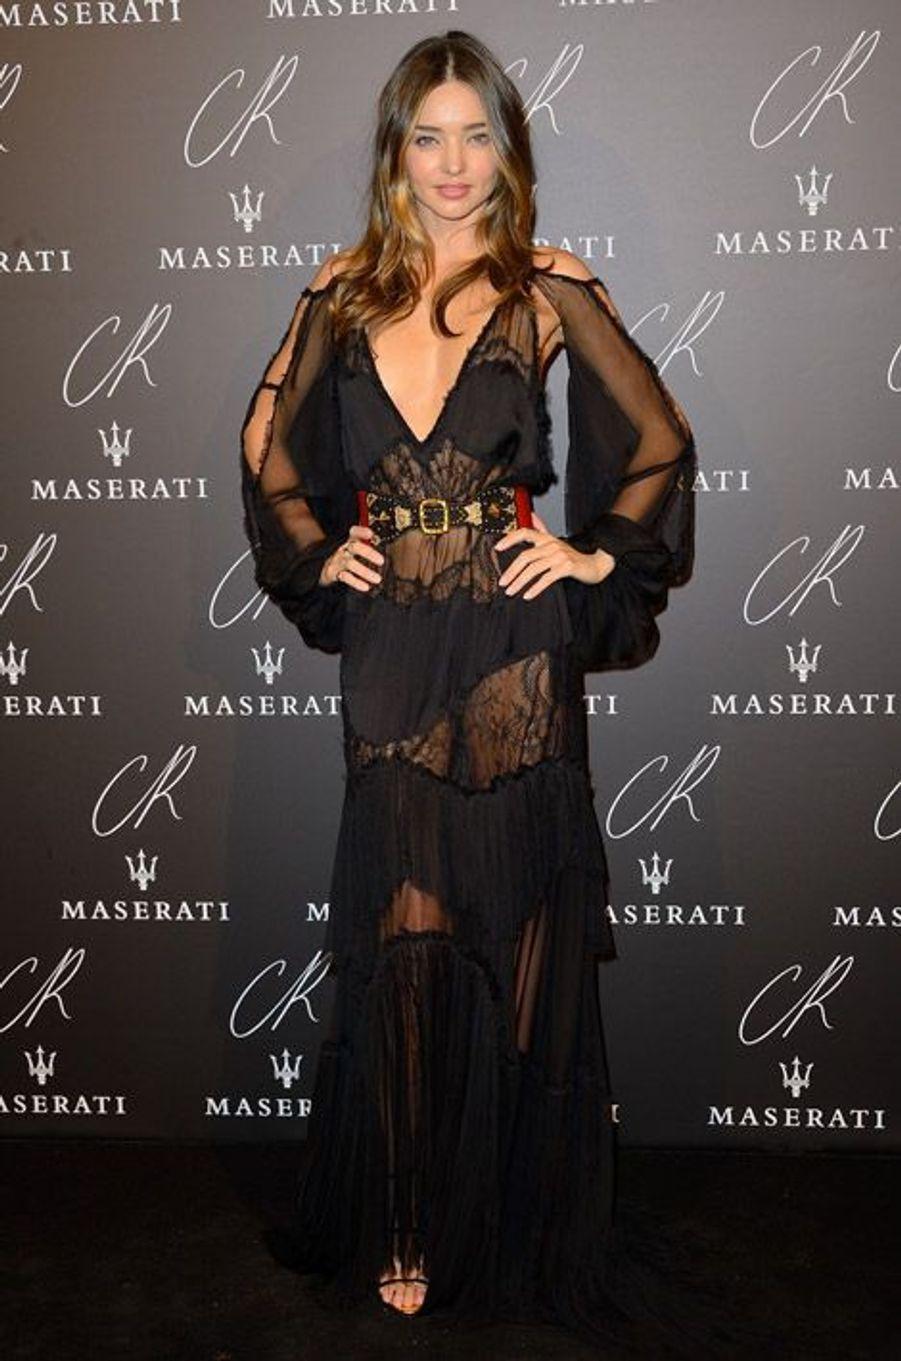 """Le top australien Miranda Kerr en Emilio Pucci à la soirée """"CR Fashion Book"""", le 30 septembre 2014 à Paris"""